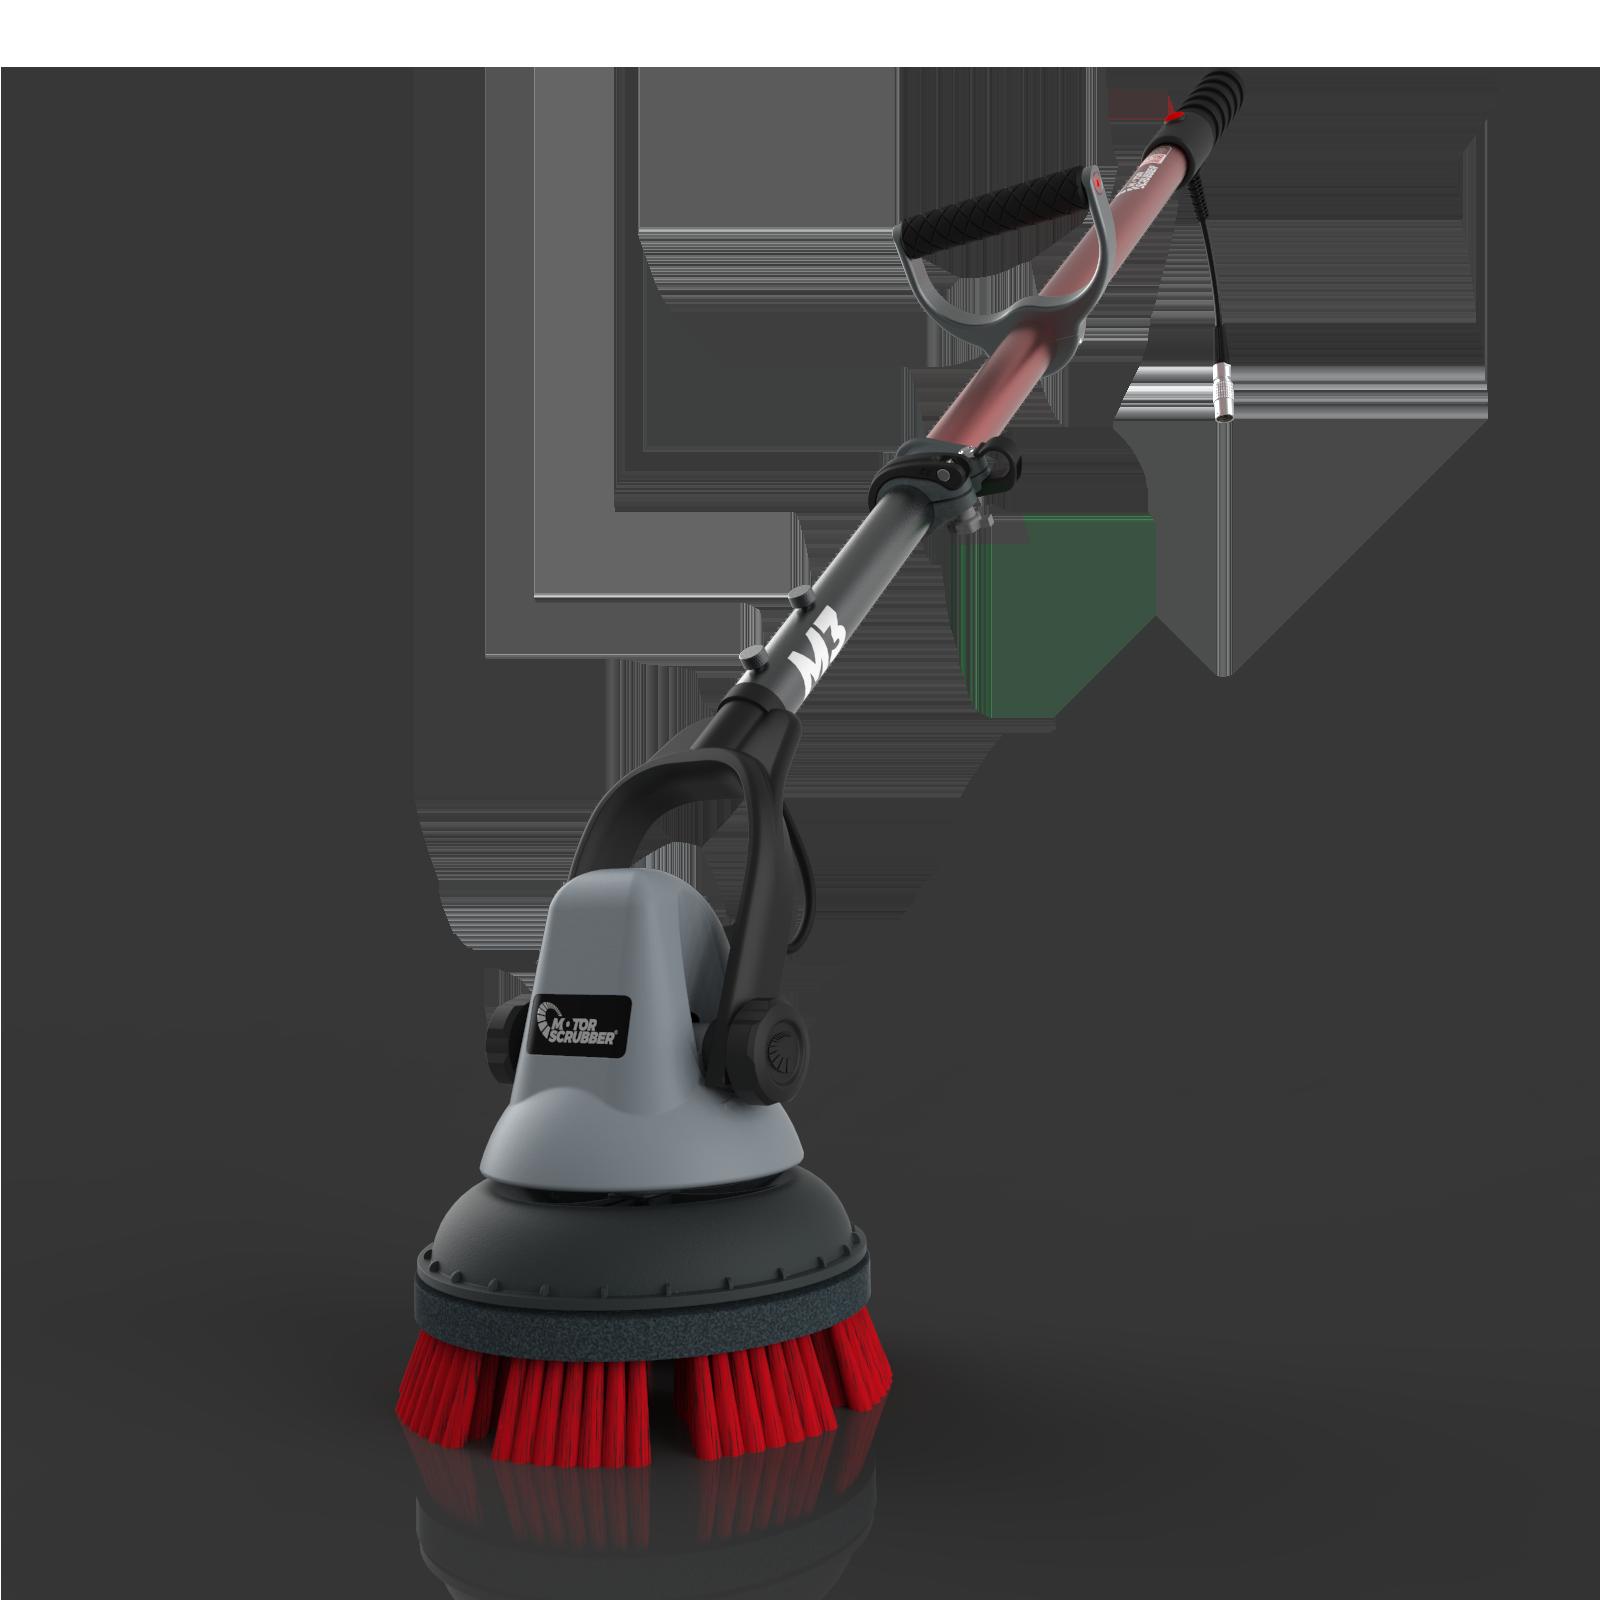 MotorScrubber STORM - efektivní dezinfekční zařízení